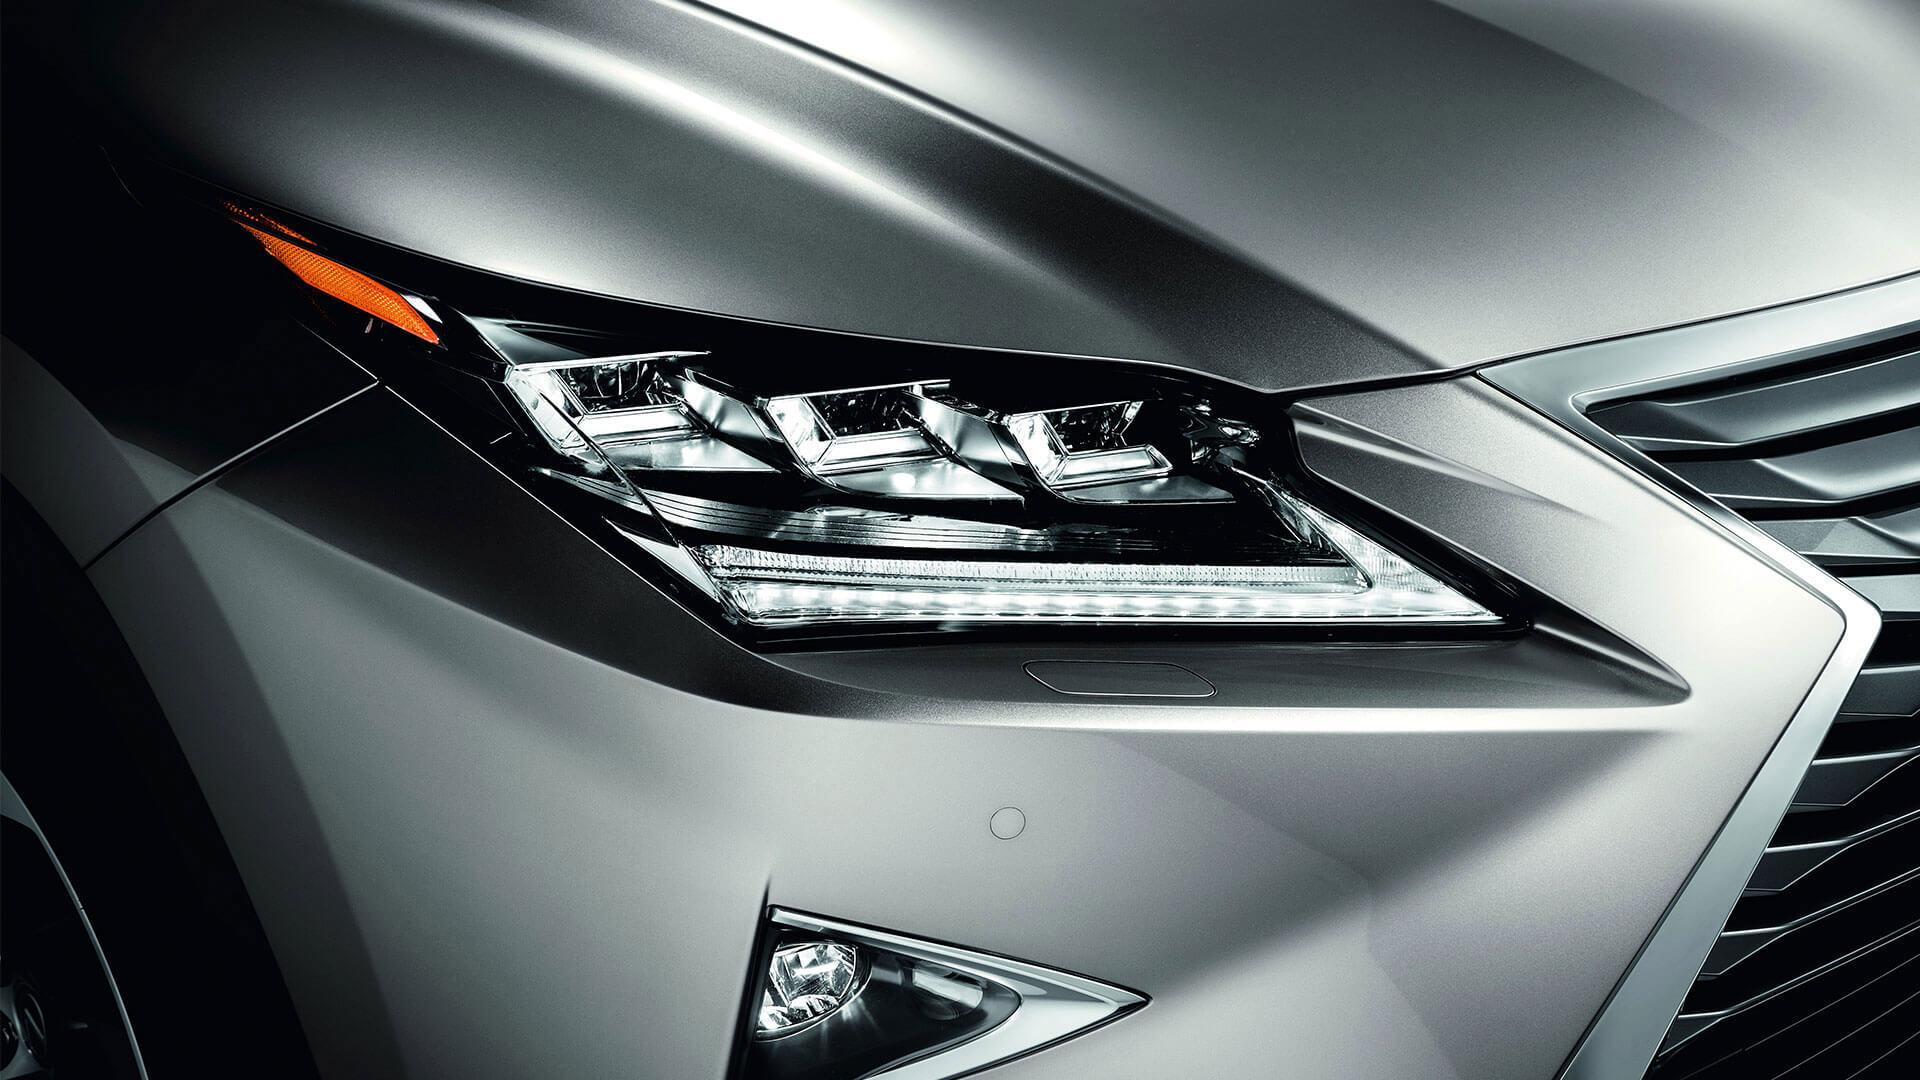 2017 lexus rx 450h features triple led headlight